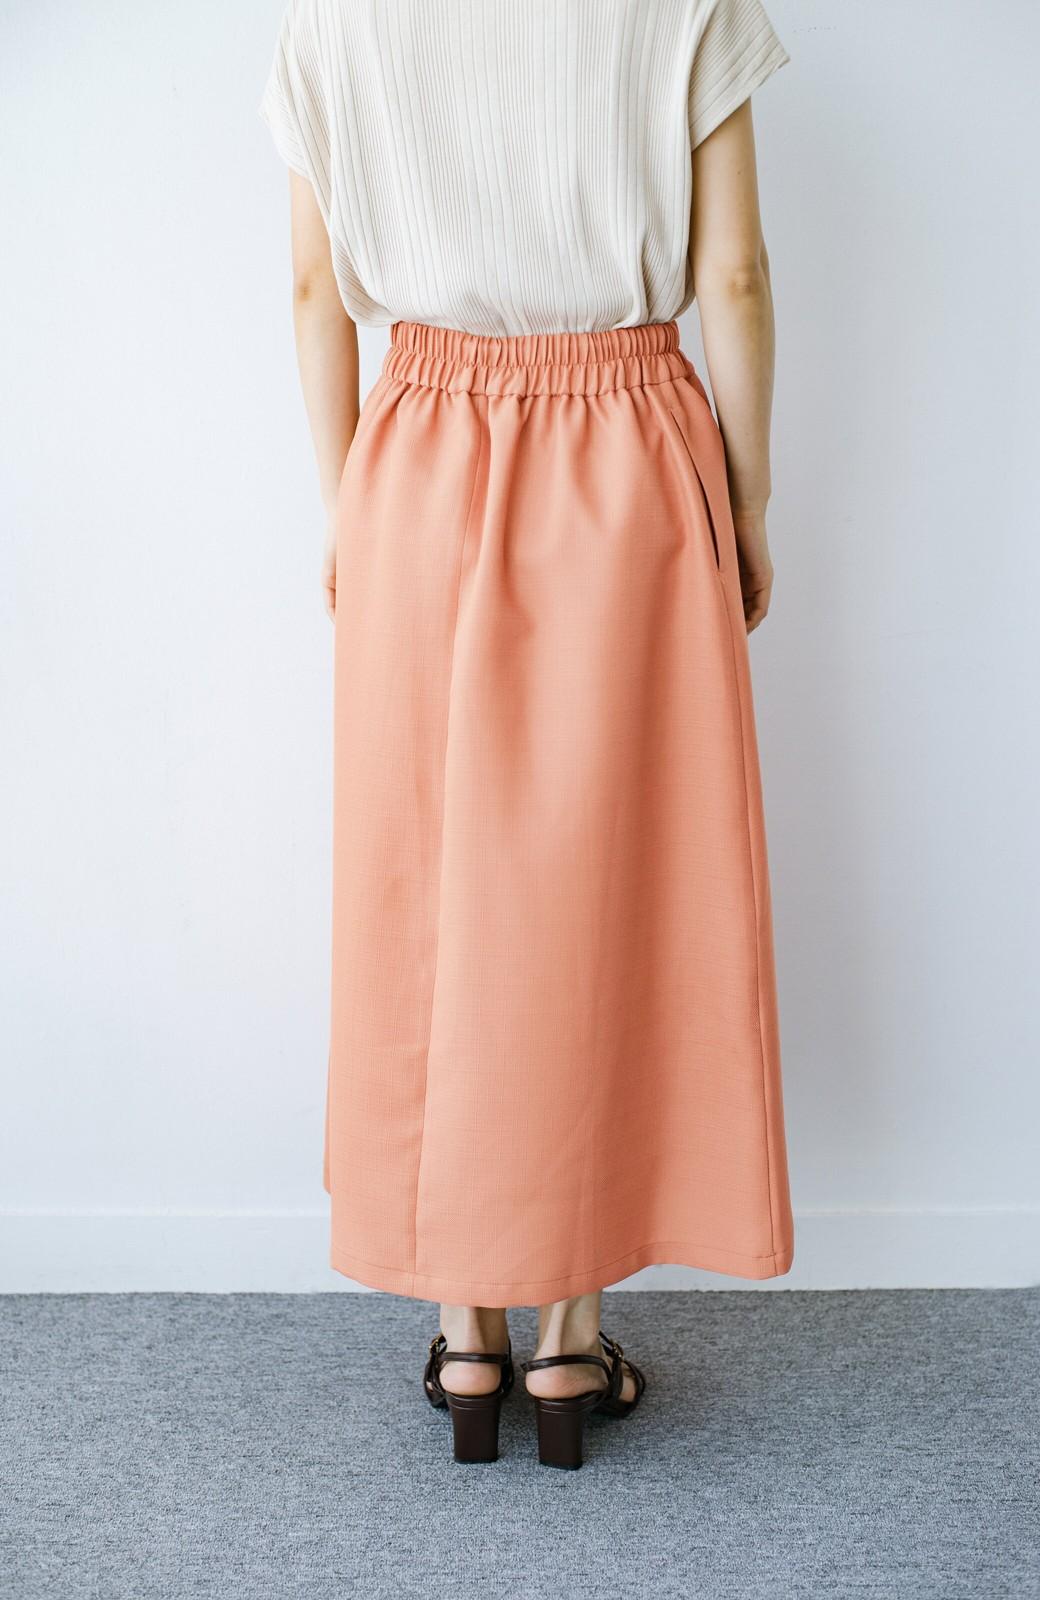 haco! これさえあればきれいなお姉さんになれそうな気がする 麻調素材のきれいめラップスカート <オレンジ>の商品写真8